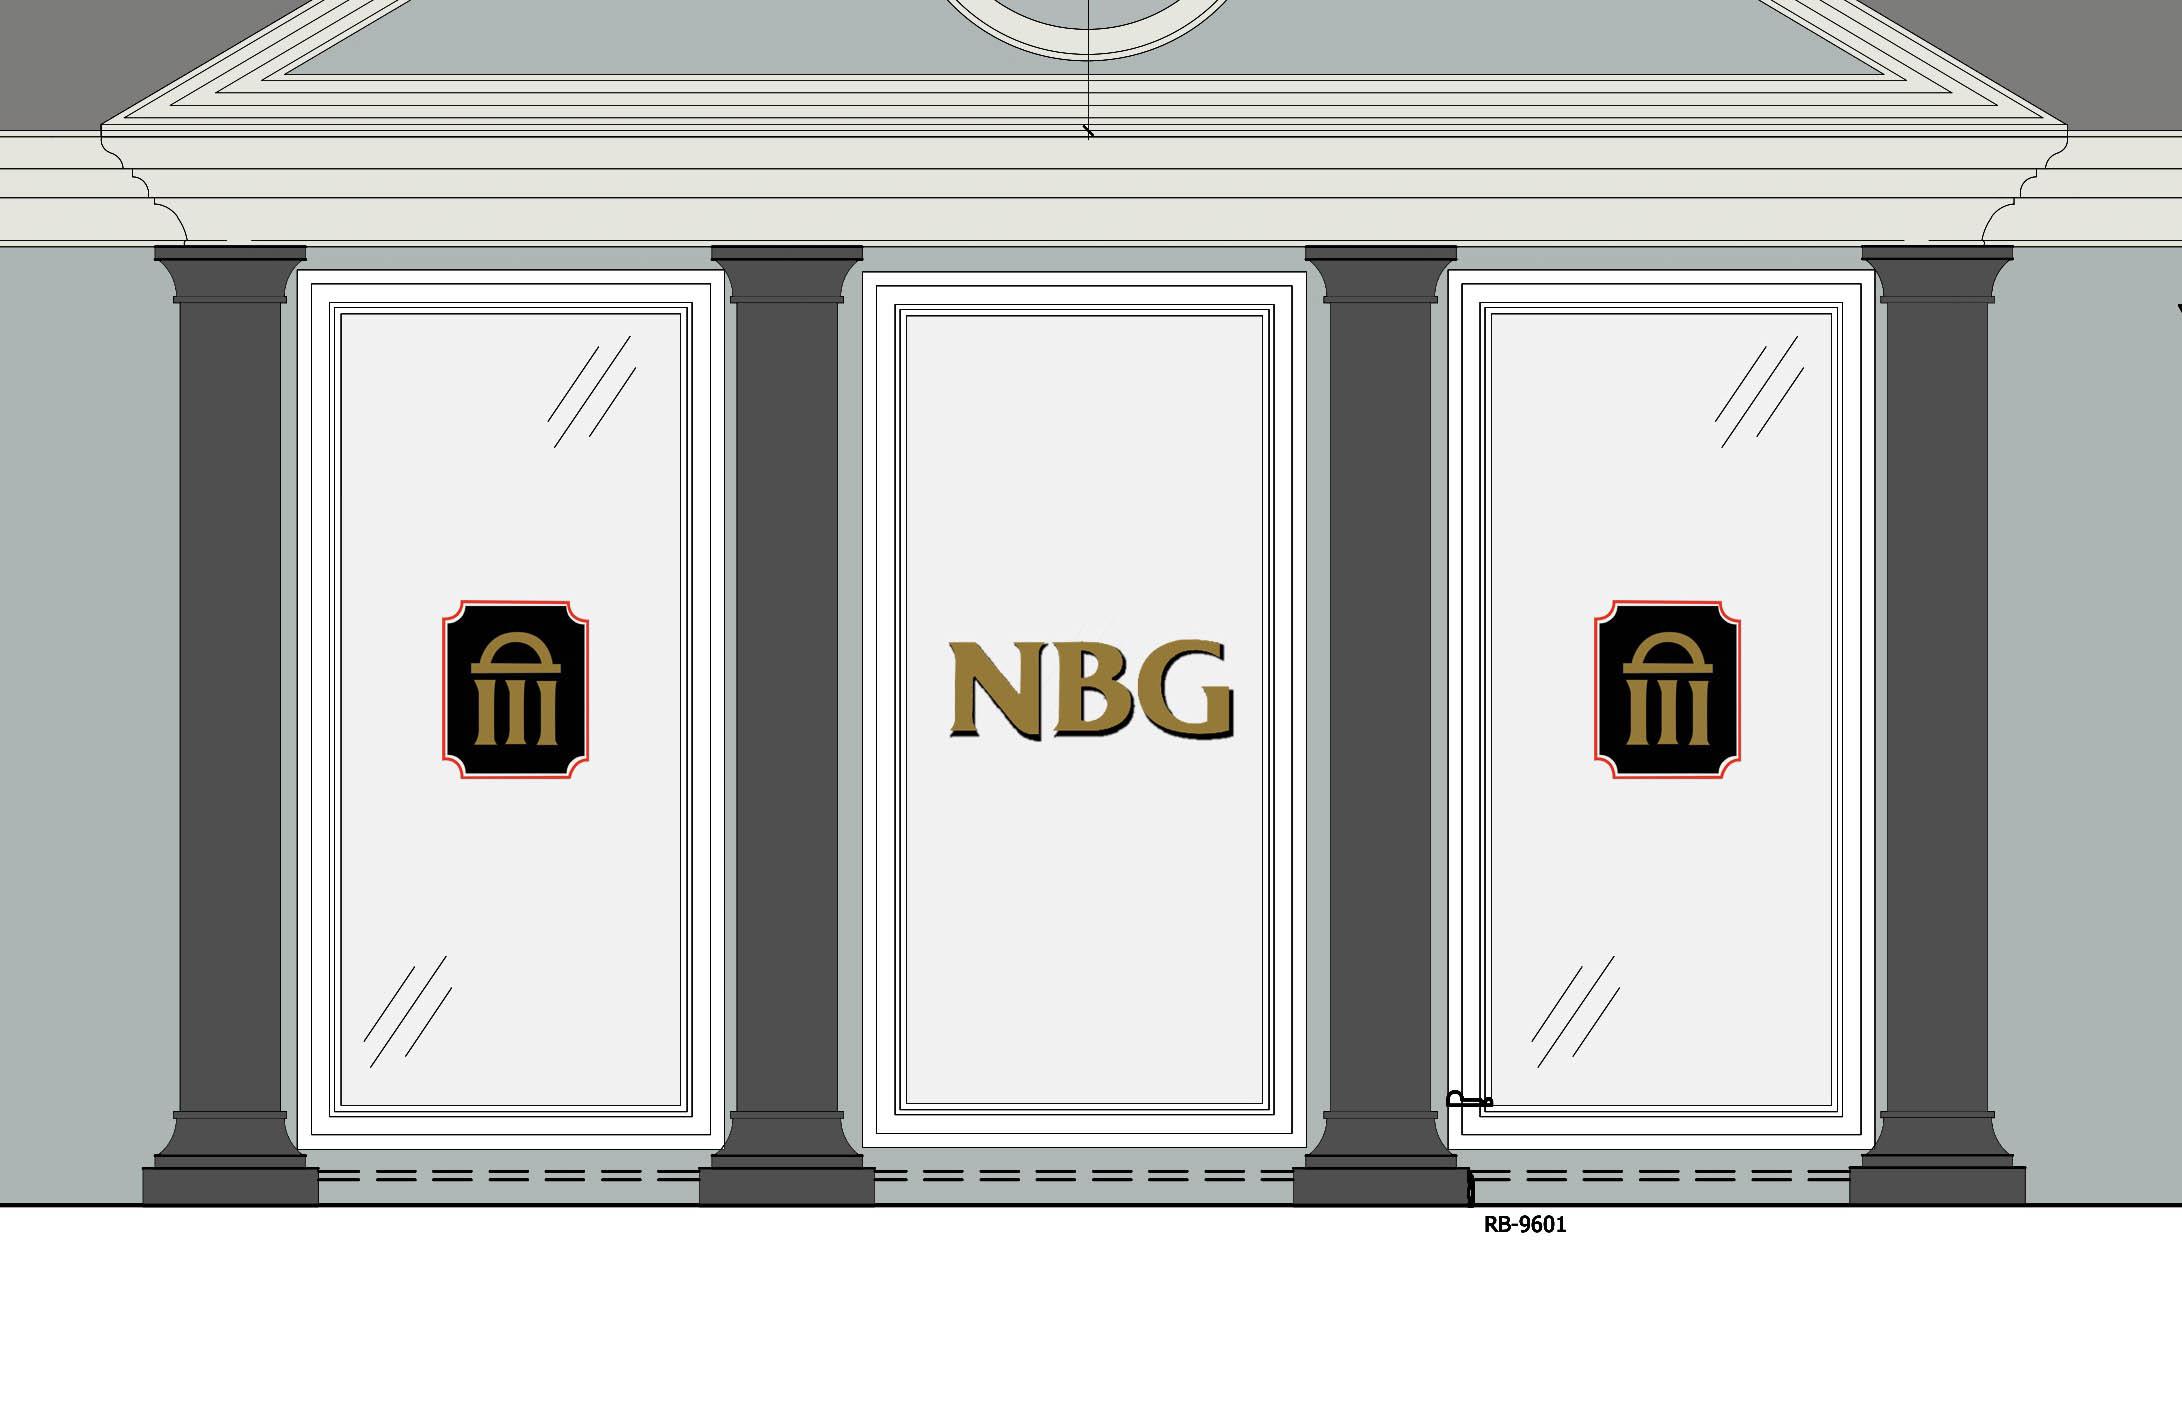 NBG_Window Artwork Rendering.jpg